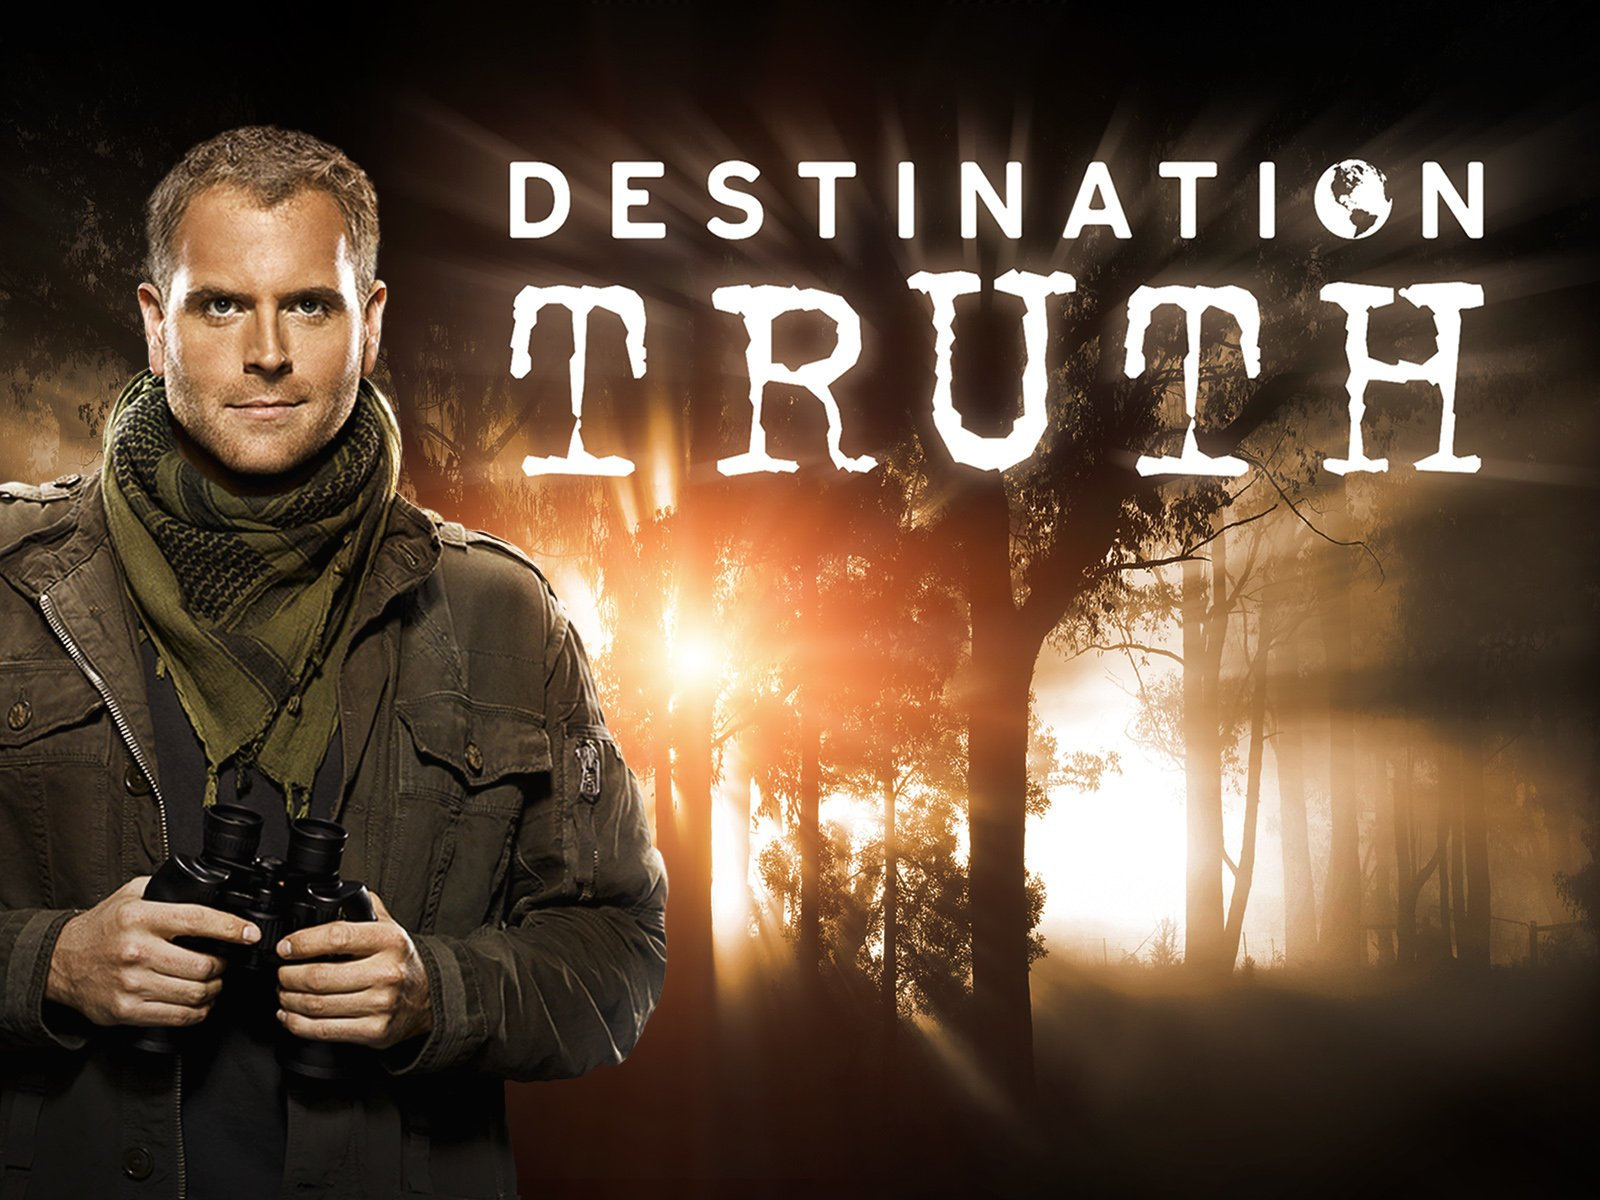 Destination truth ryder dating sites